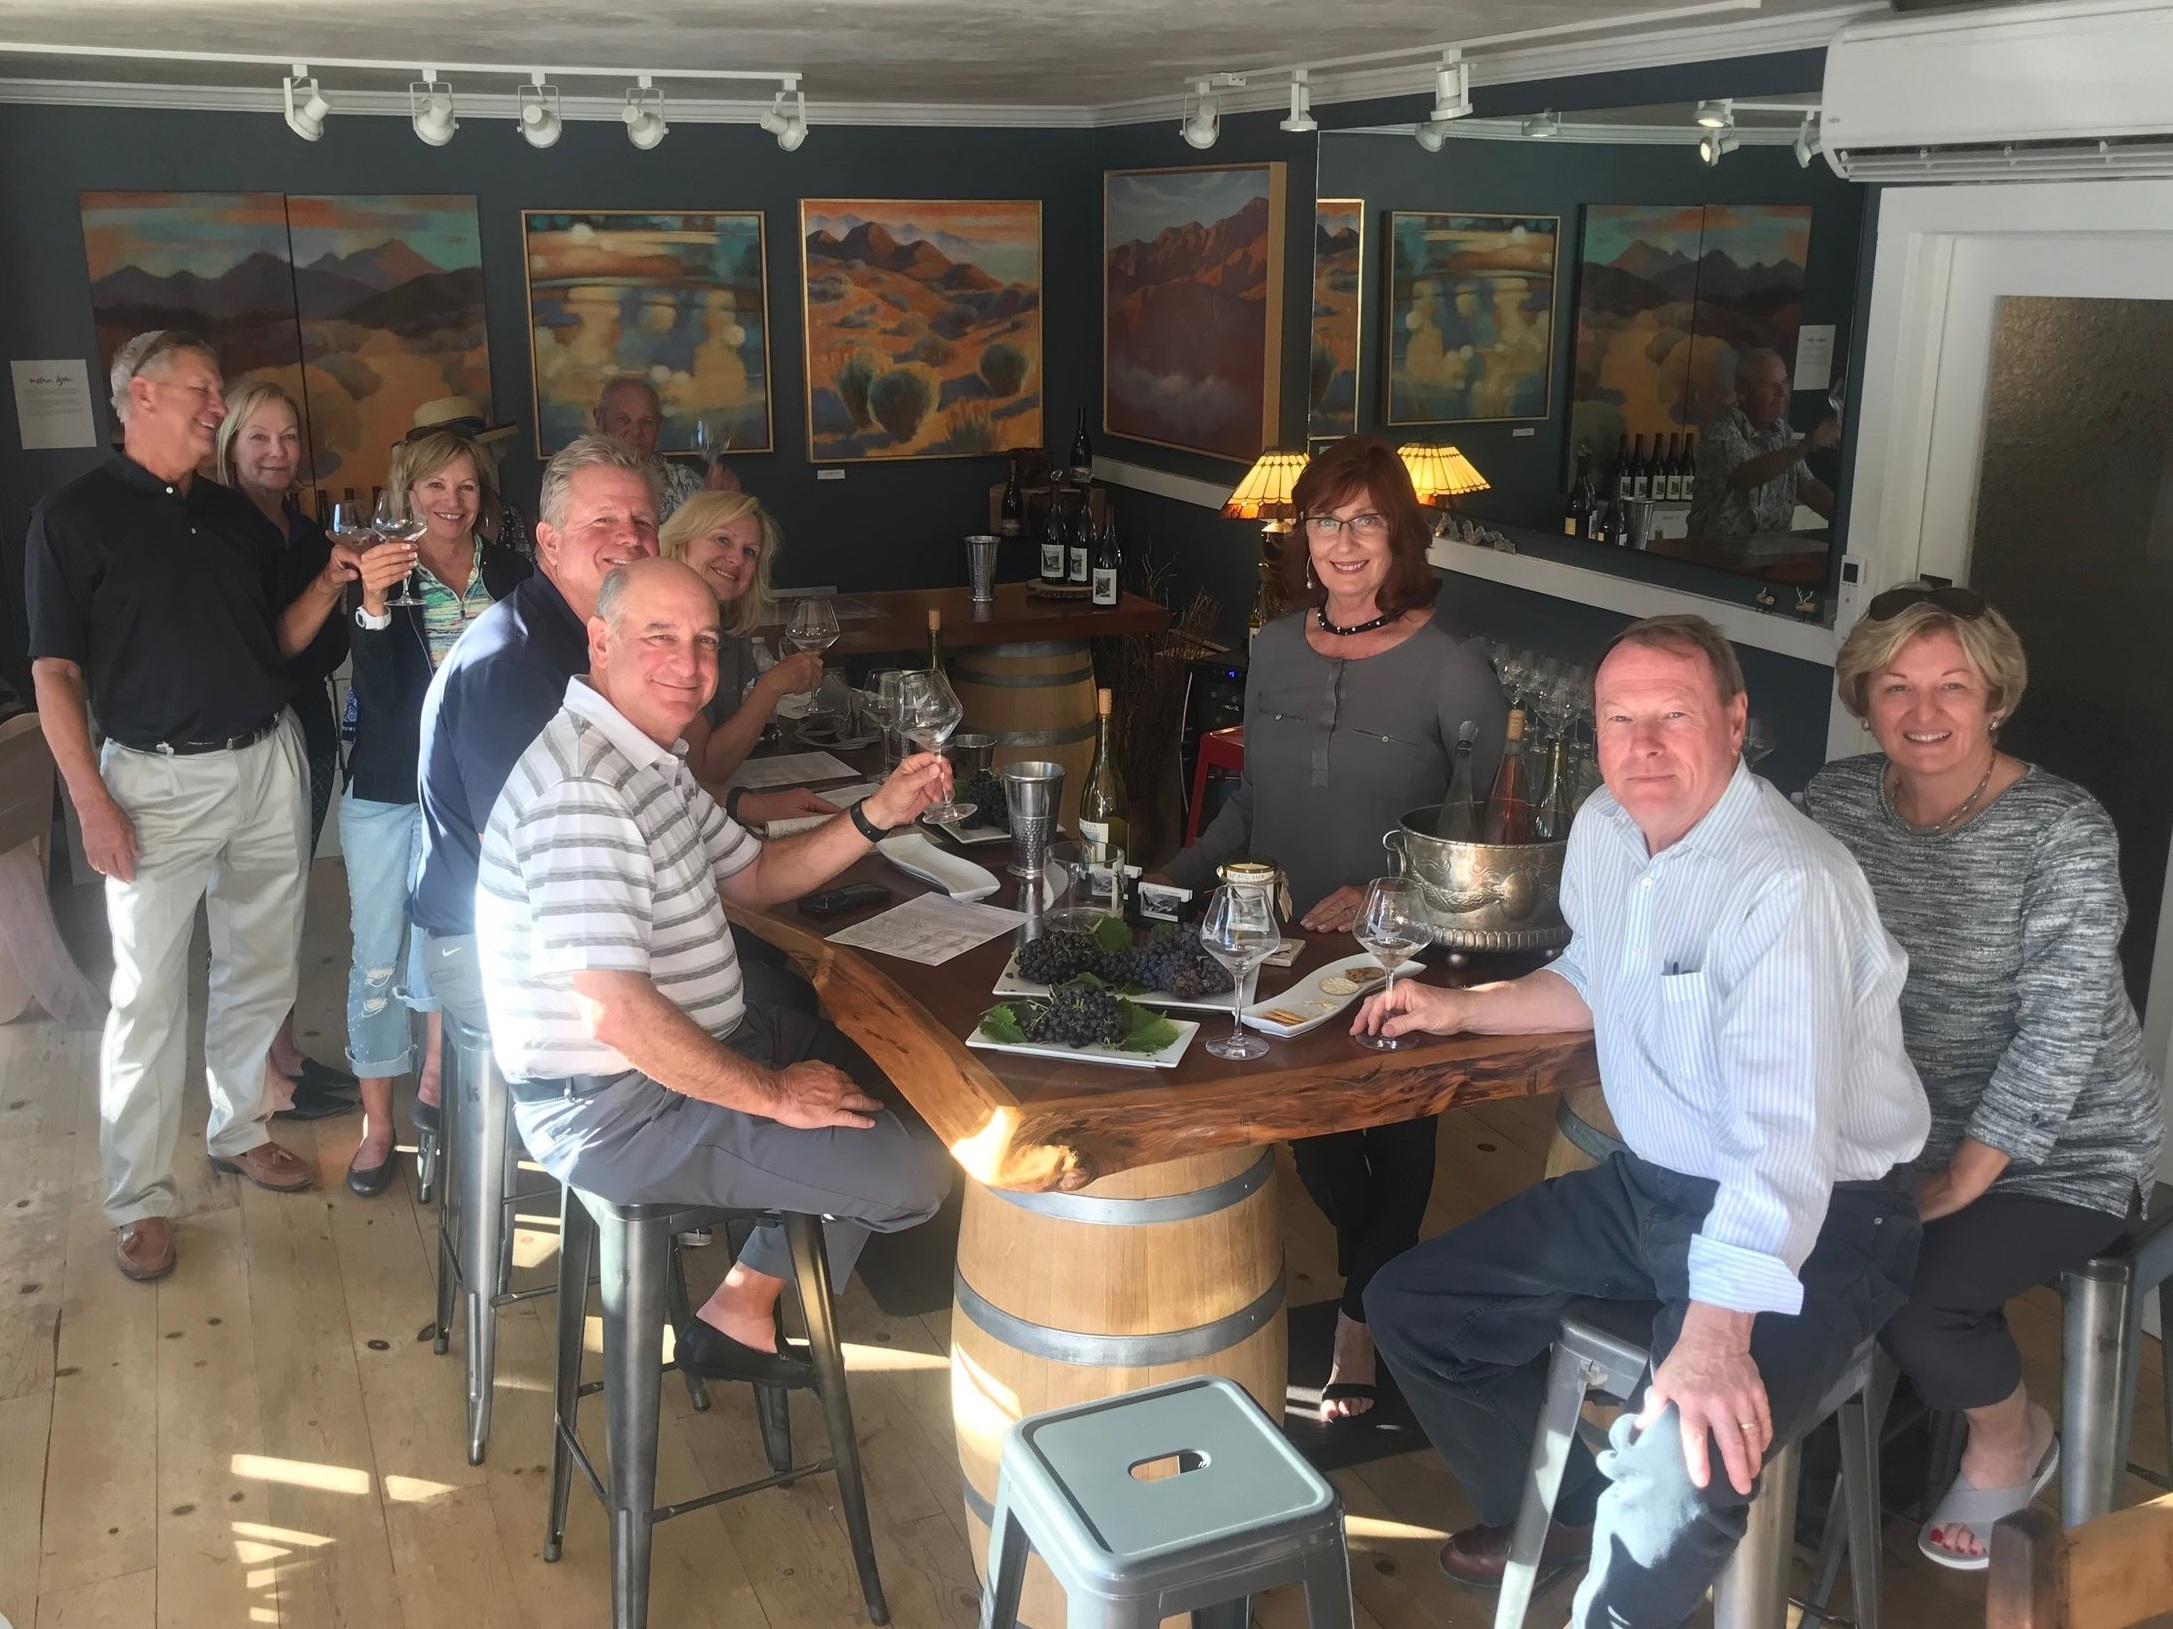 Big_Sur_vineyards_tasting_room.jpg